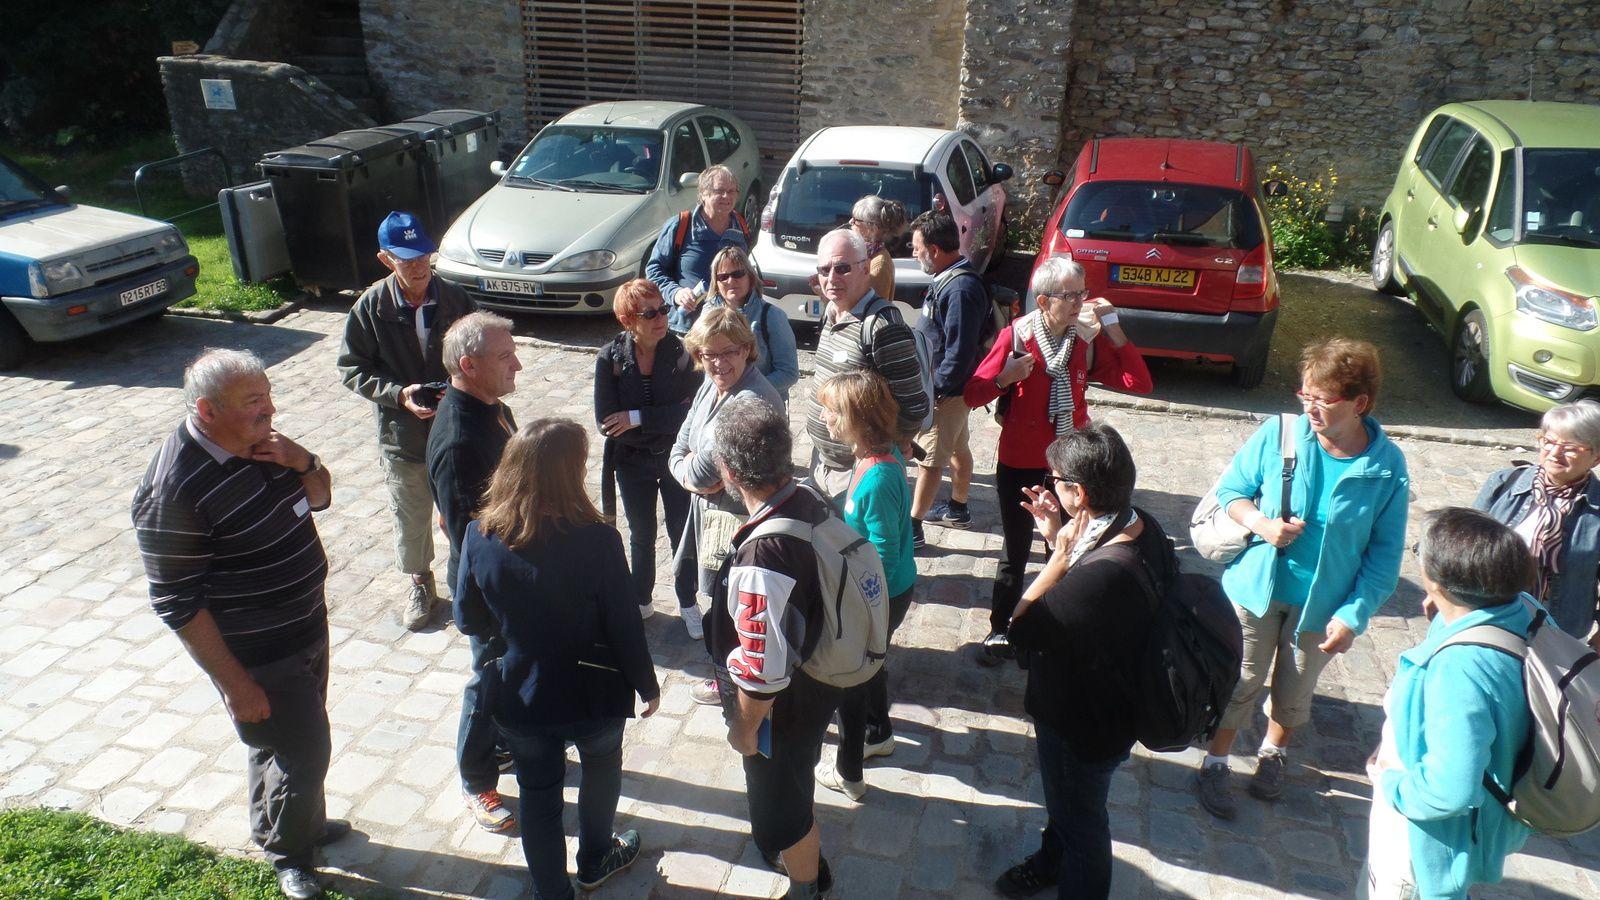 On attend notre guide à l'entrée de la cour du château pour visiter le donjon.